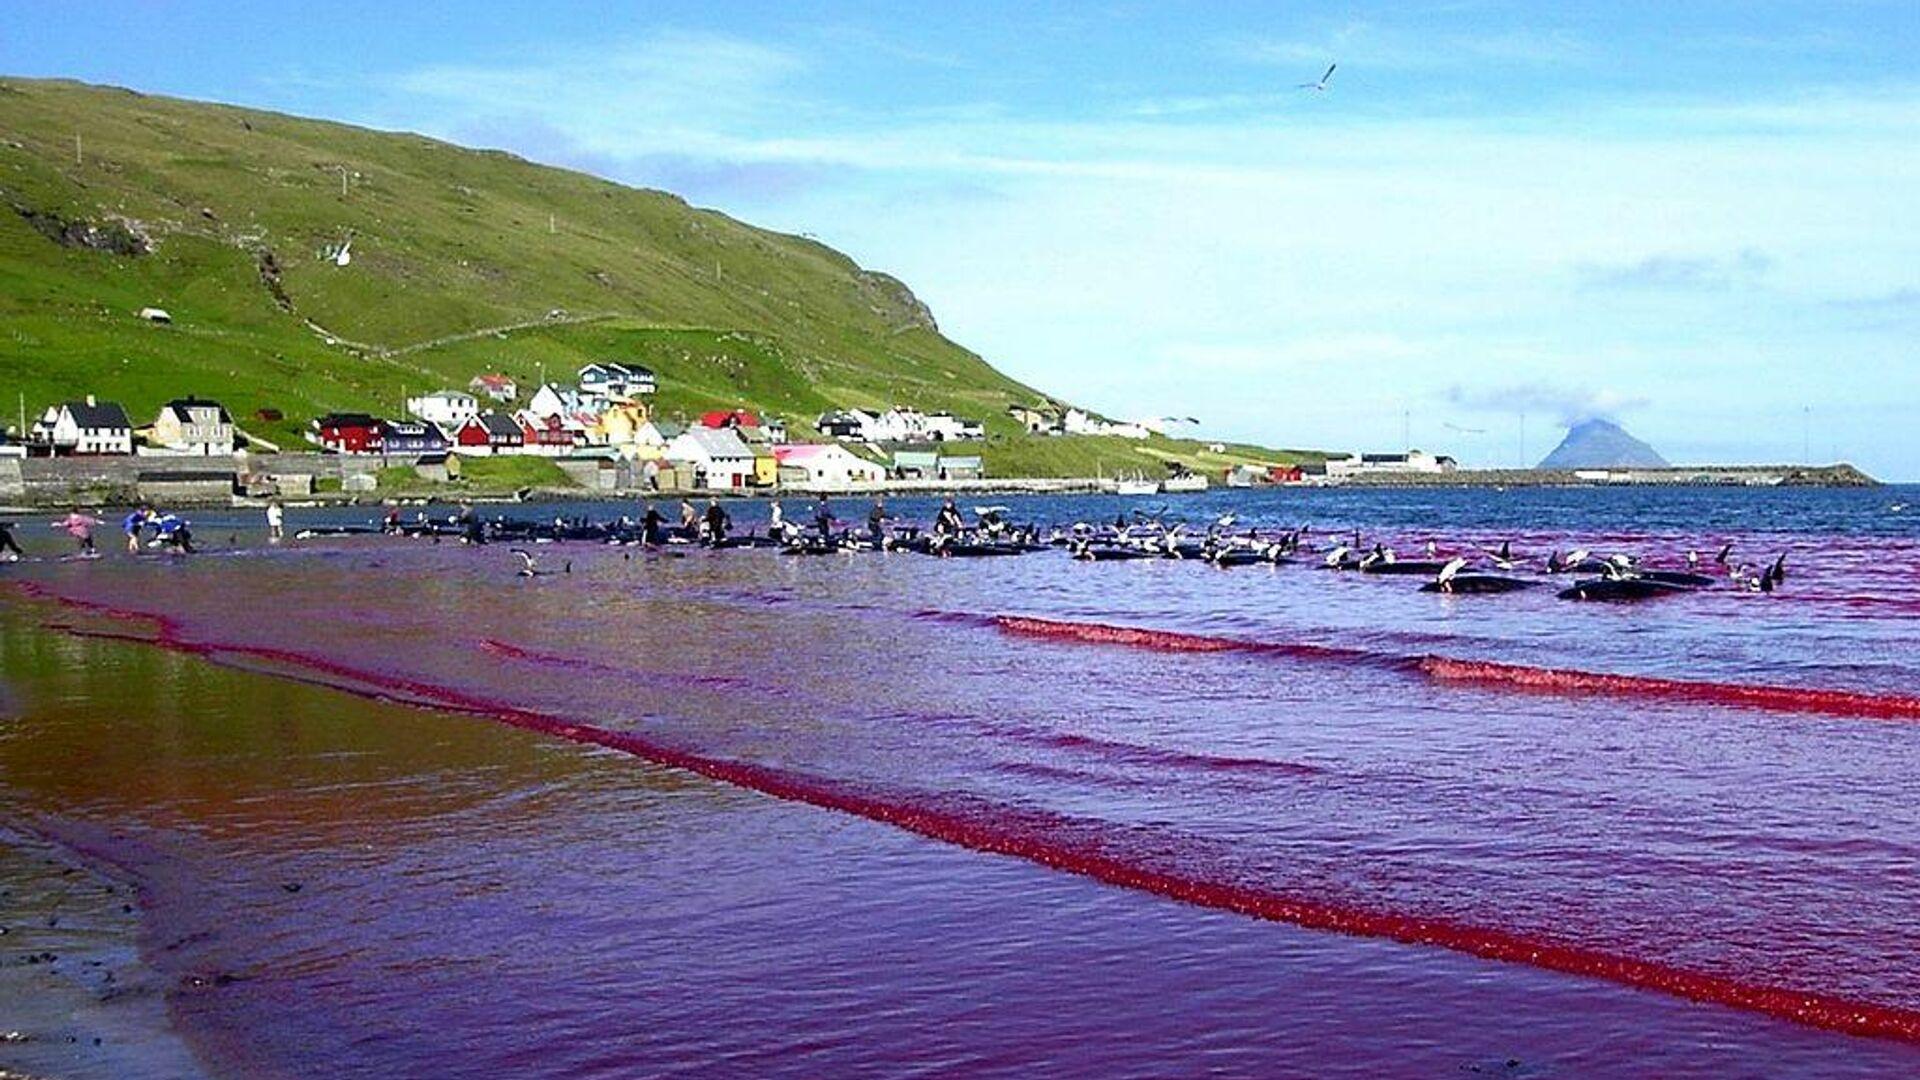 Färöer-Inseln während der Delfinjagd (Symbolbild) - SNA, 1920, 17.09.2021